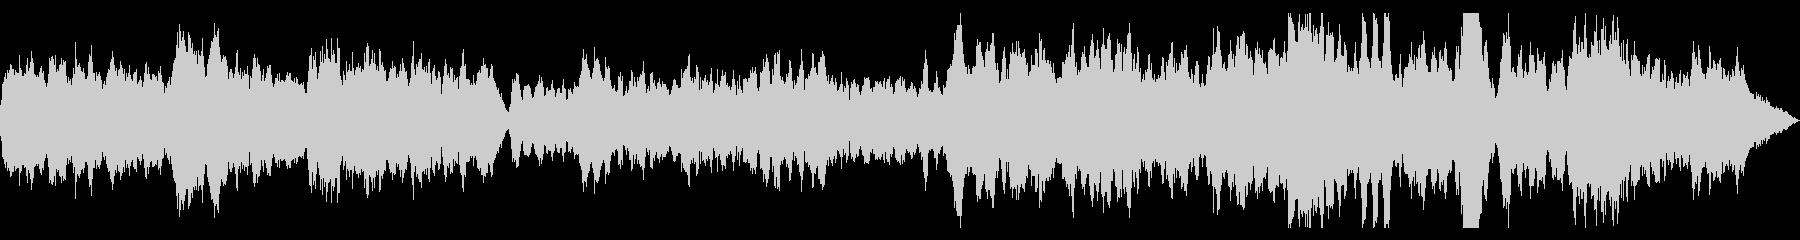 ヘンデルのオンブラ・マイ・フ(カラオケ)の未再生の波形